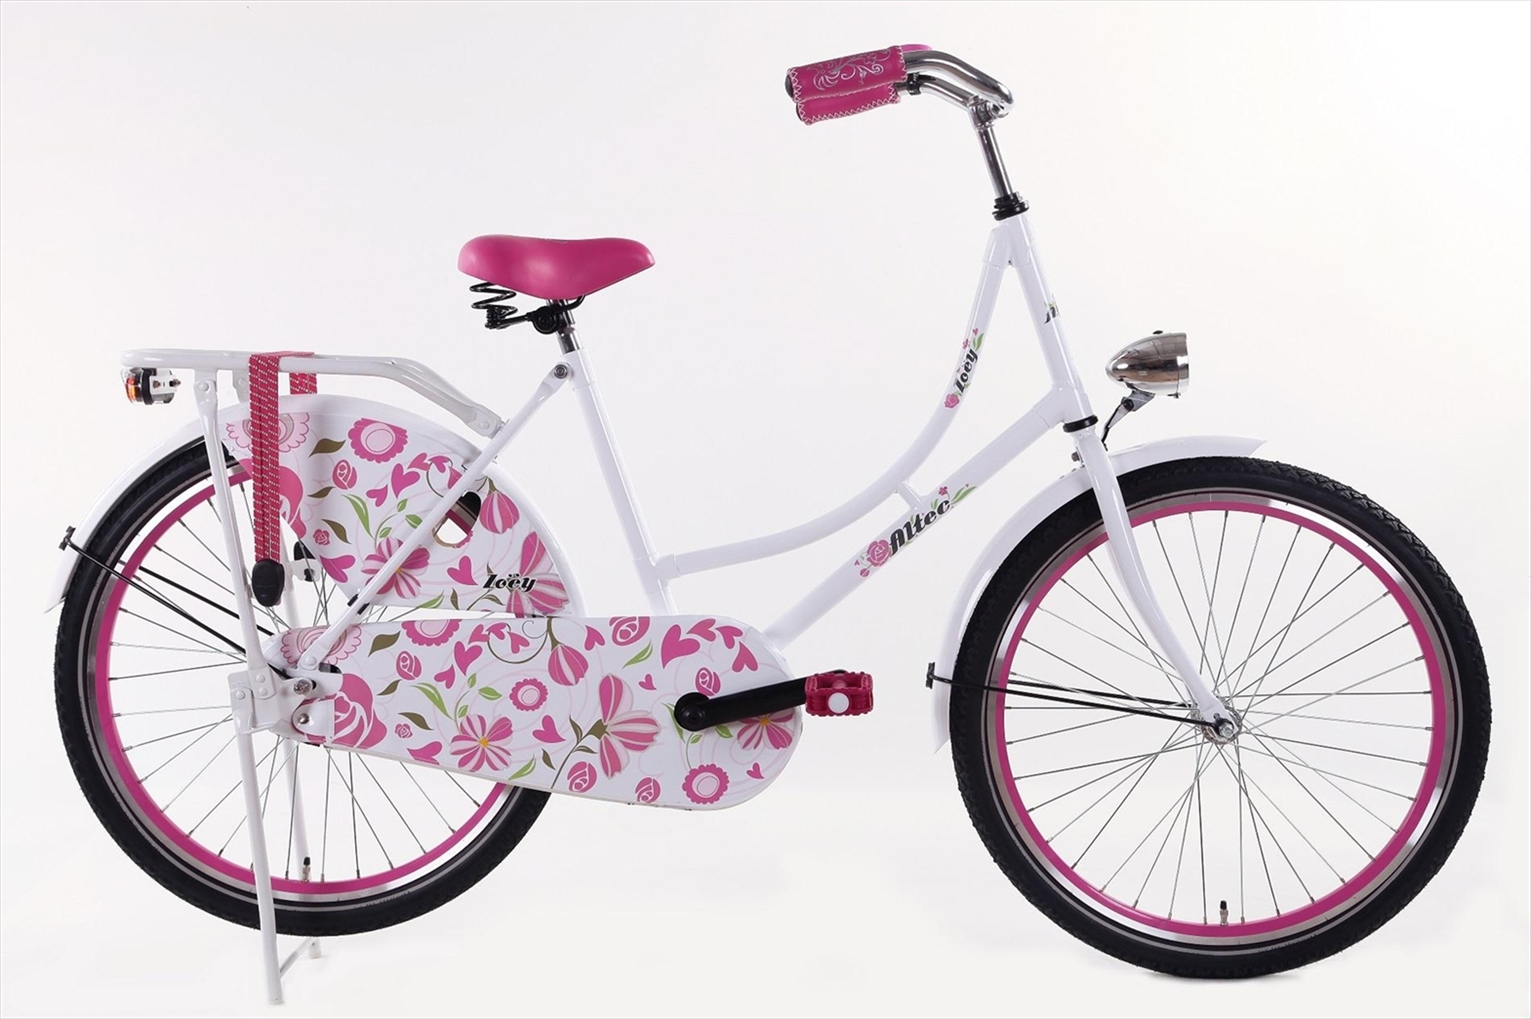 Hollandrad 26 Zoll | kaufen beim Spezialisten | GreenBike